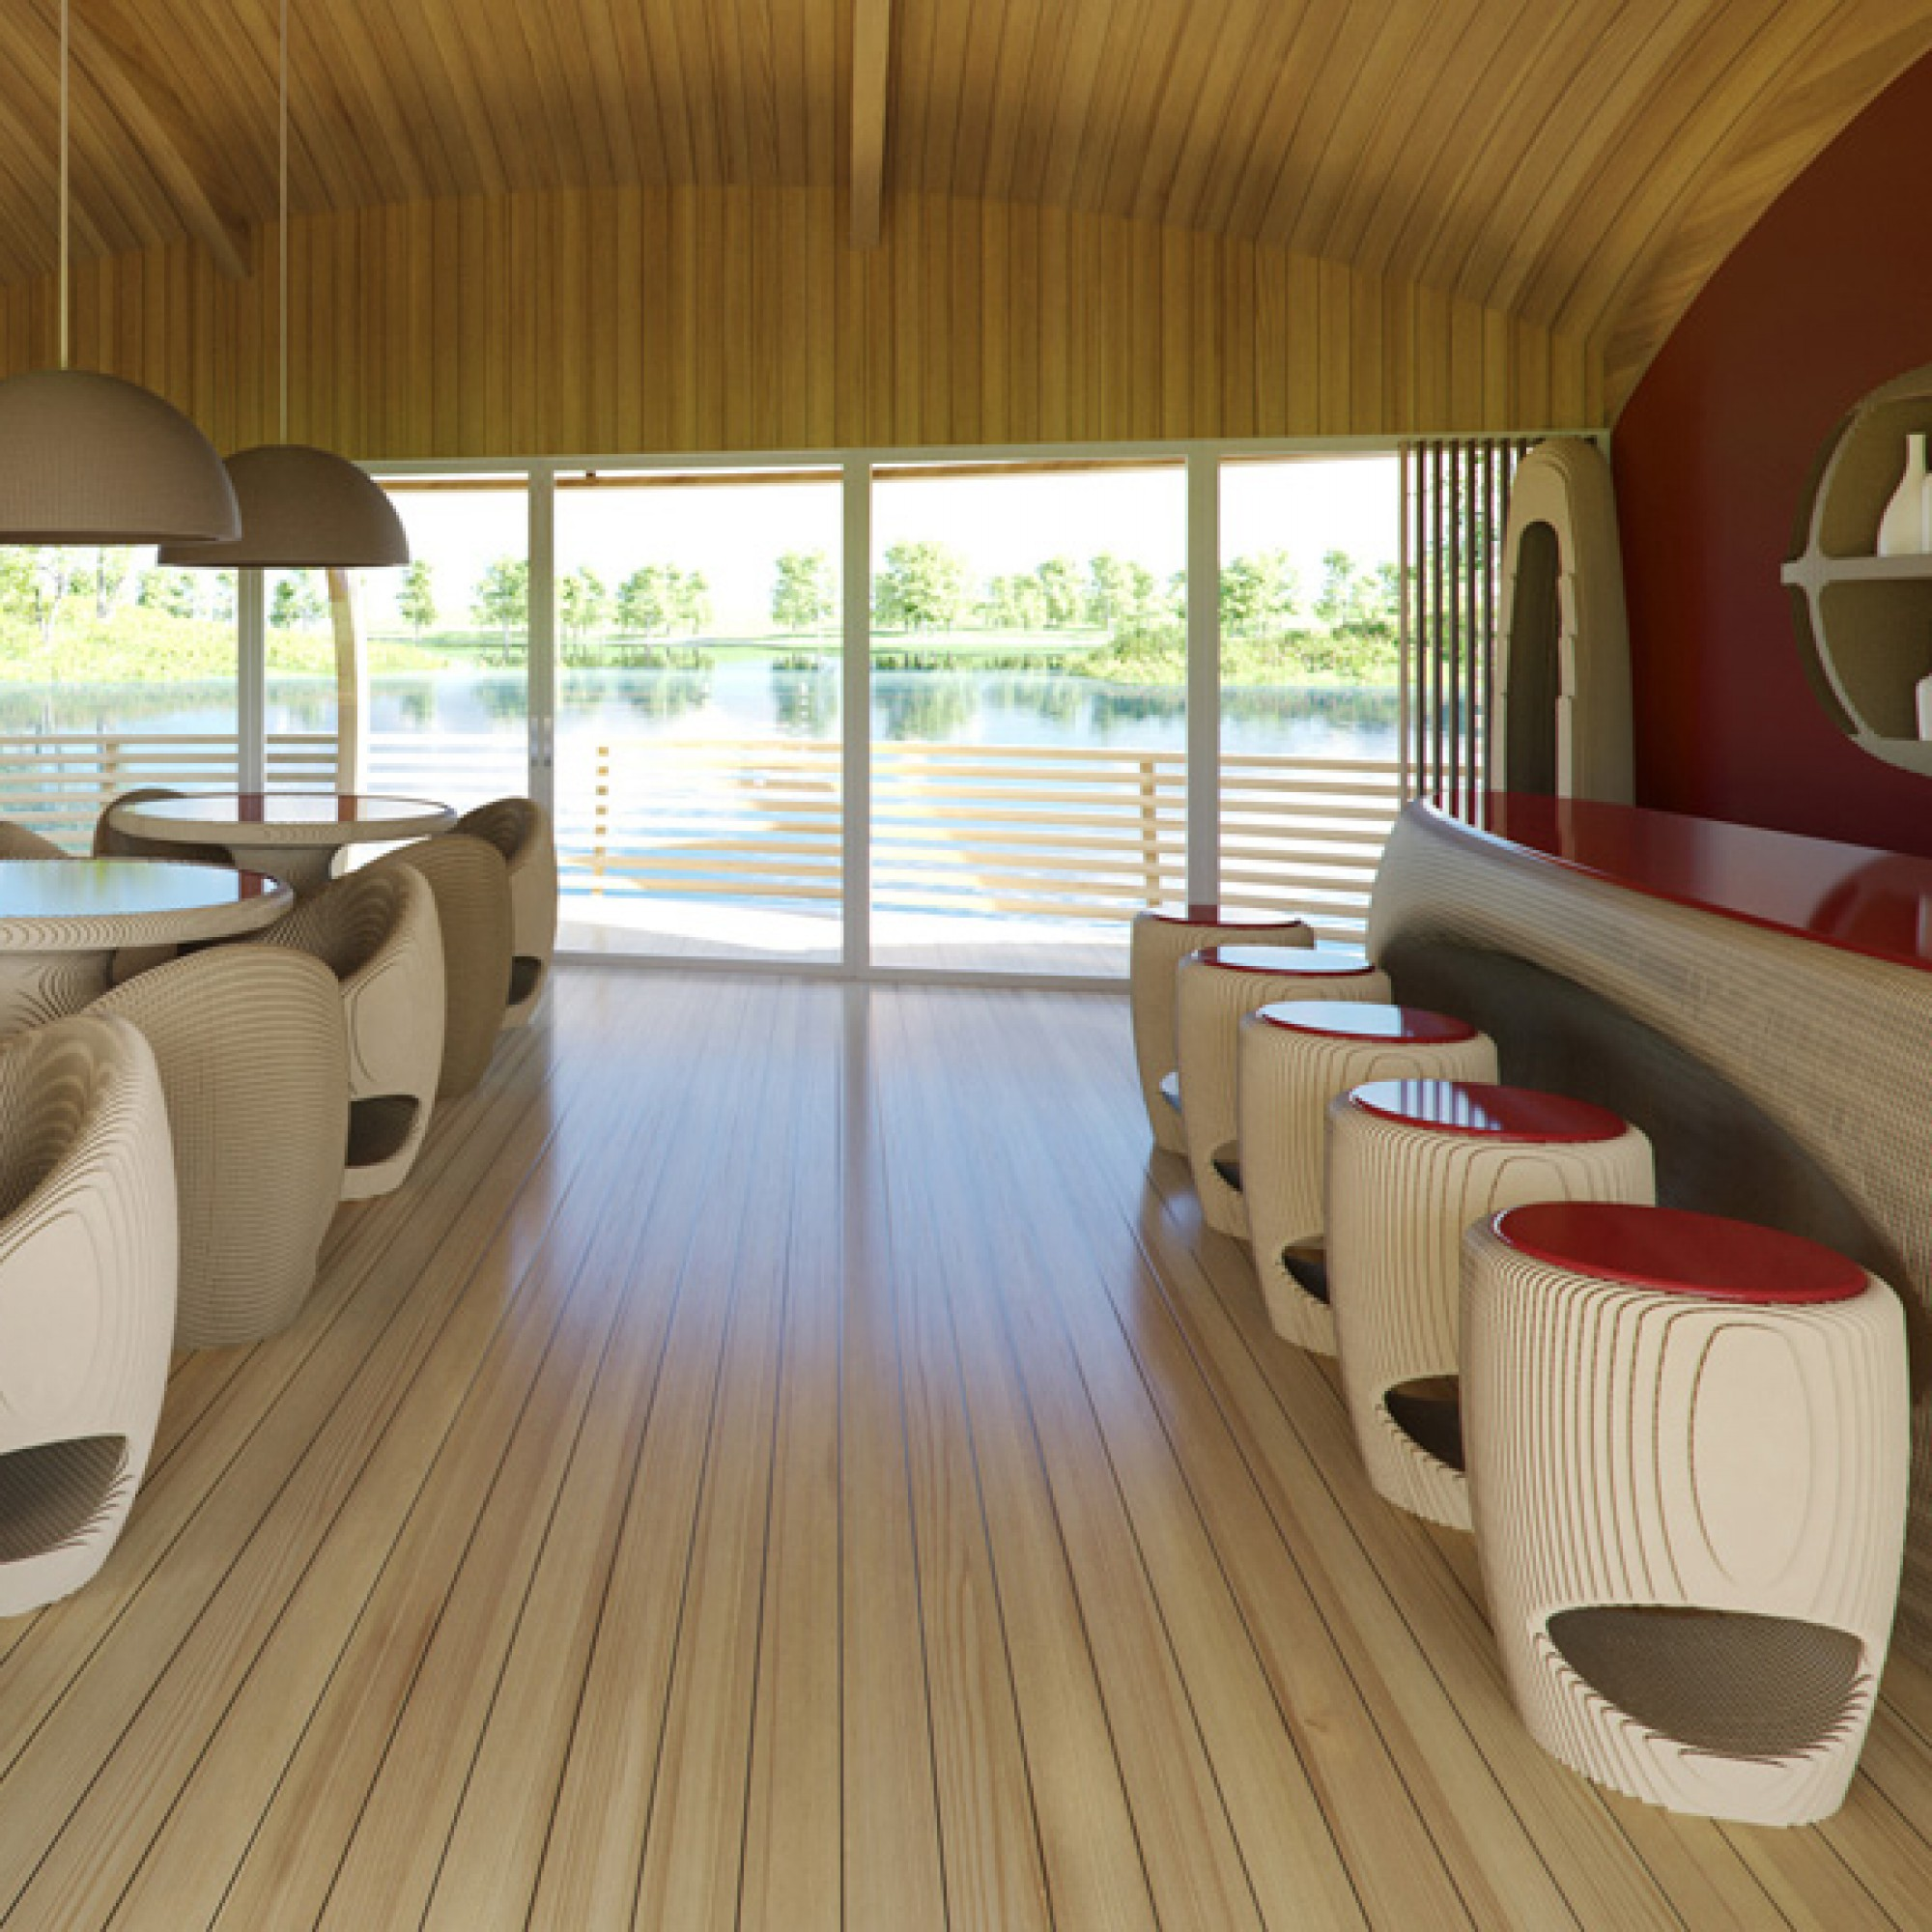 Die Lounge-Variante